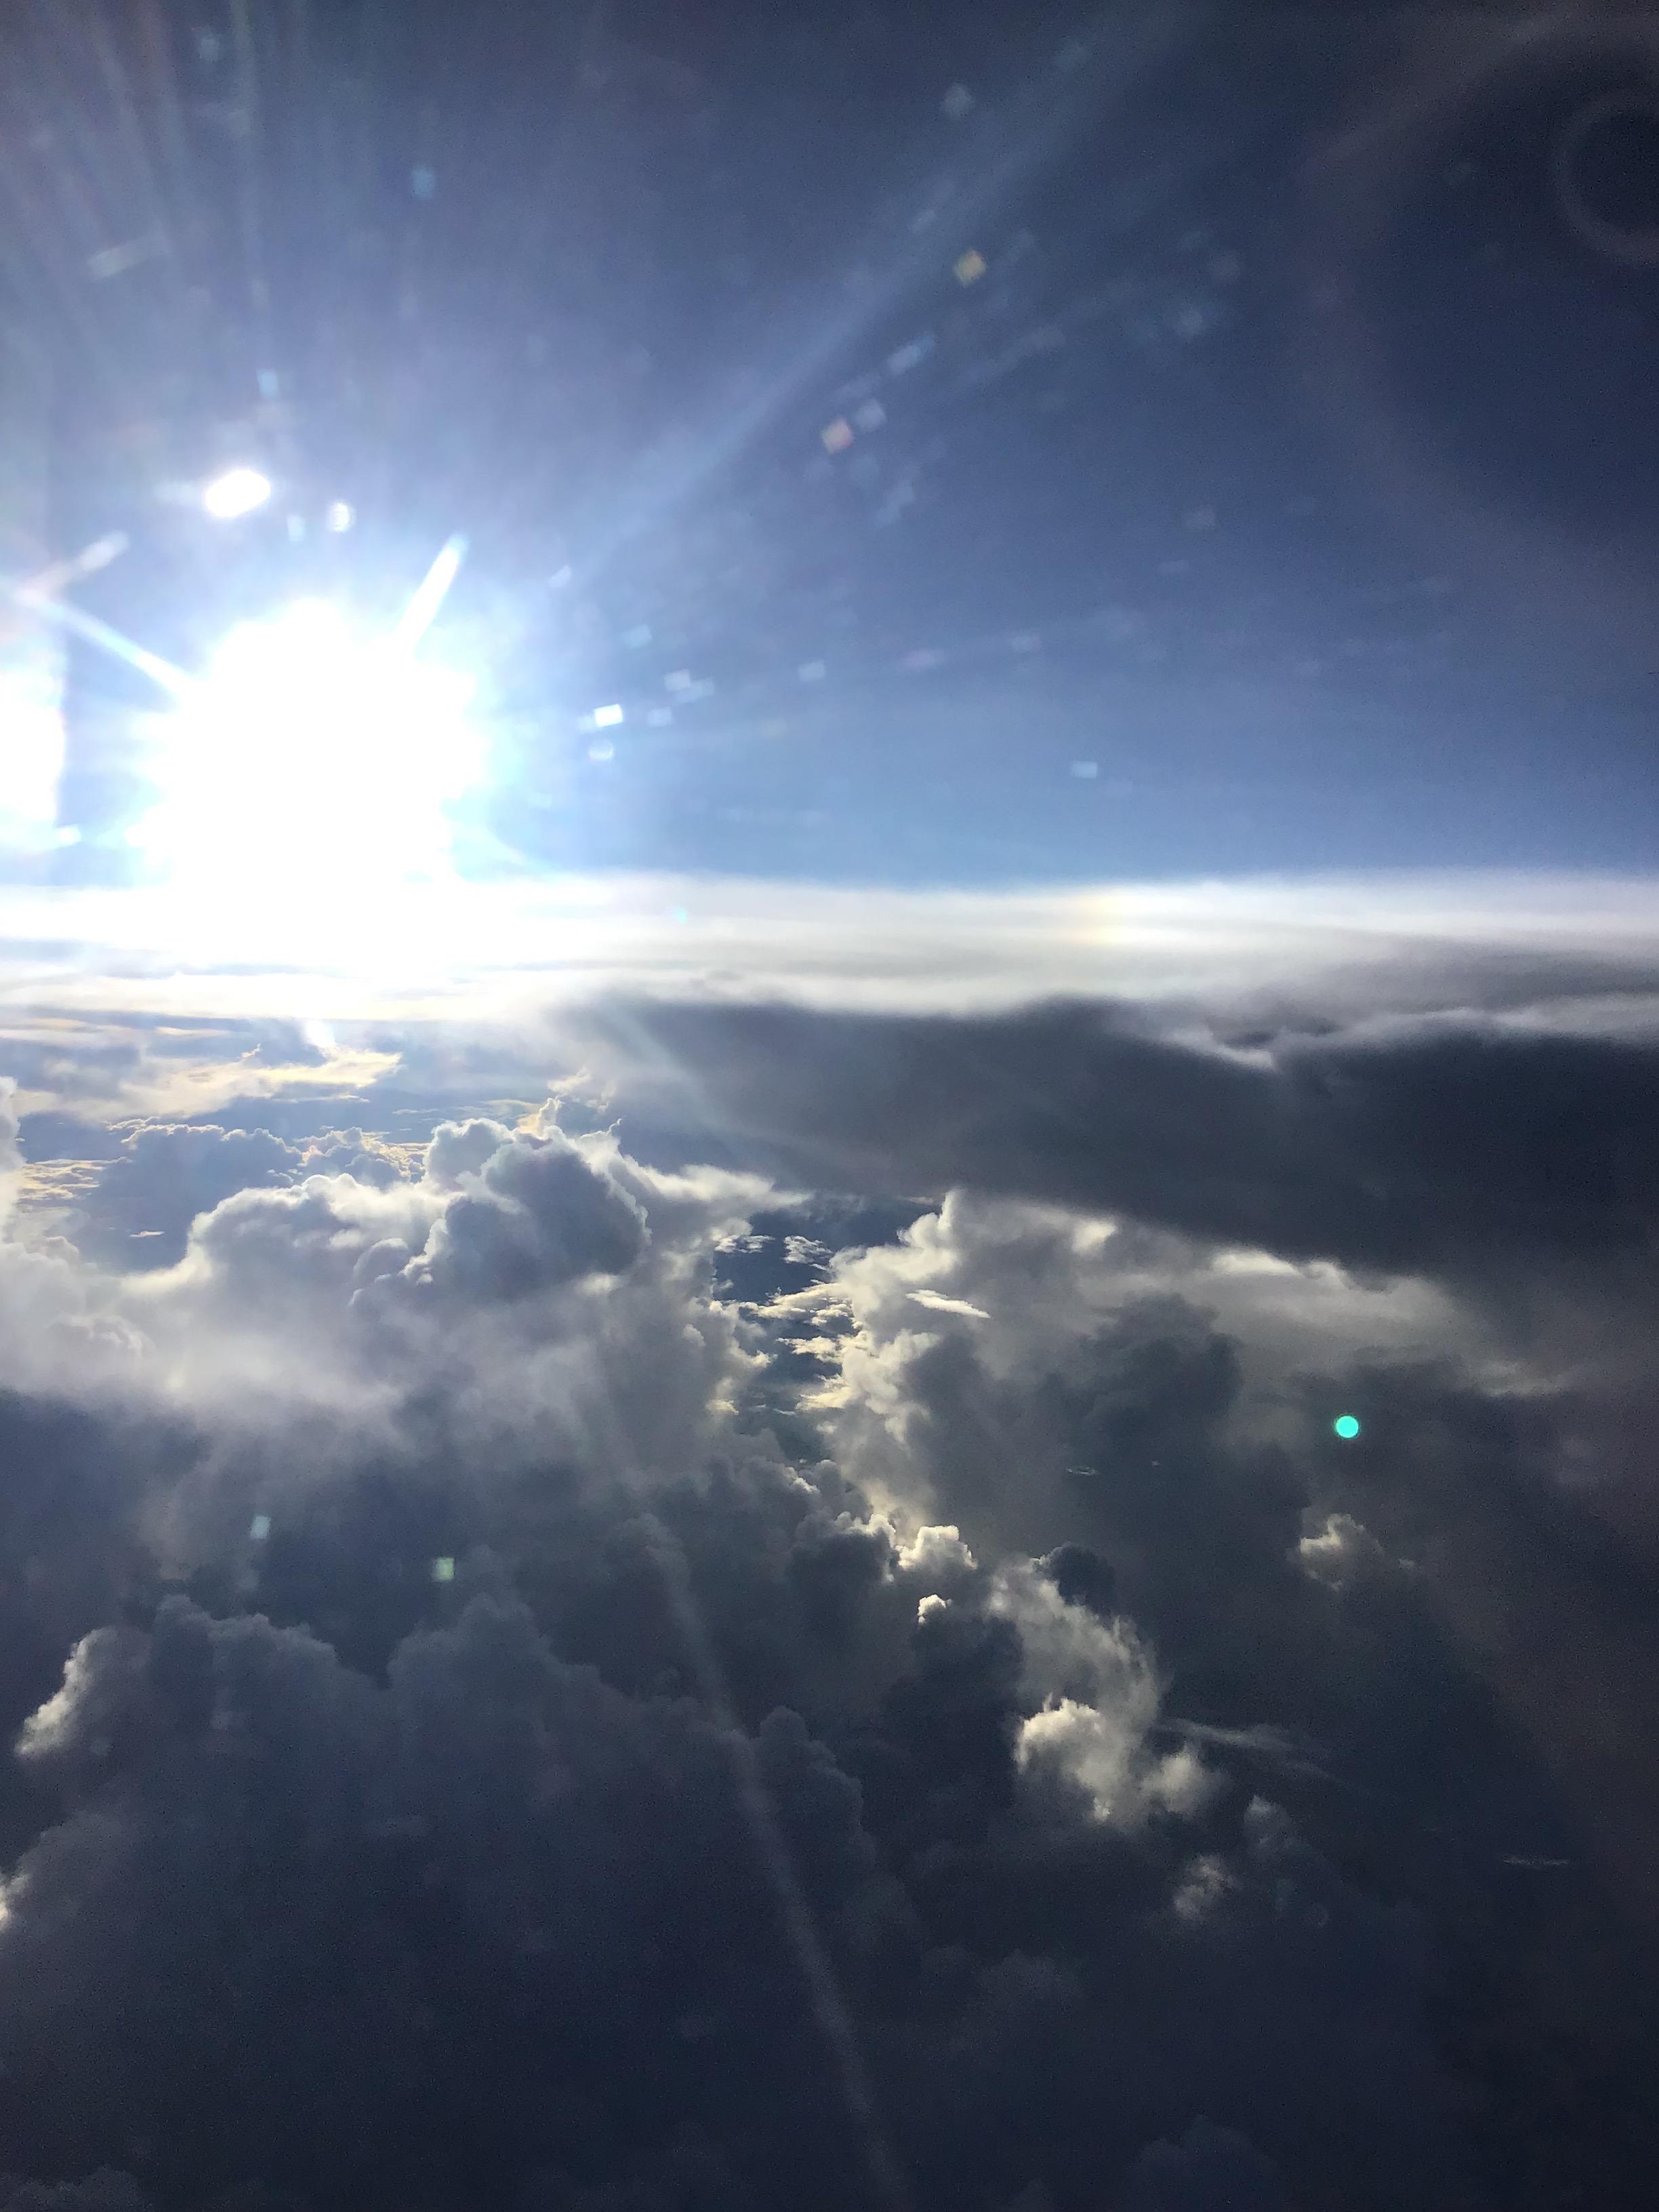 雲、雲の上、魂の行き着く場所、魂、安らぎ